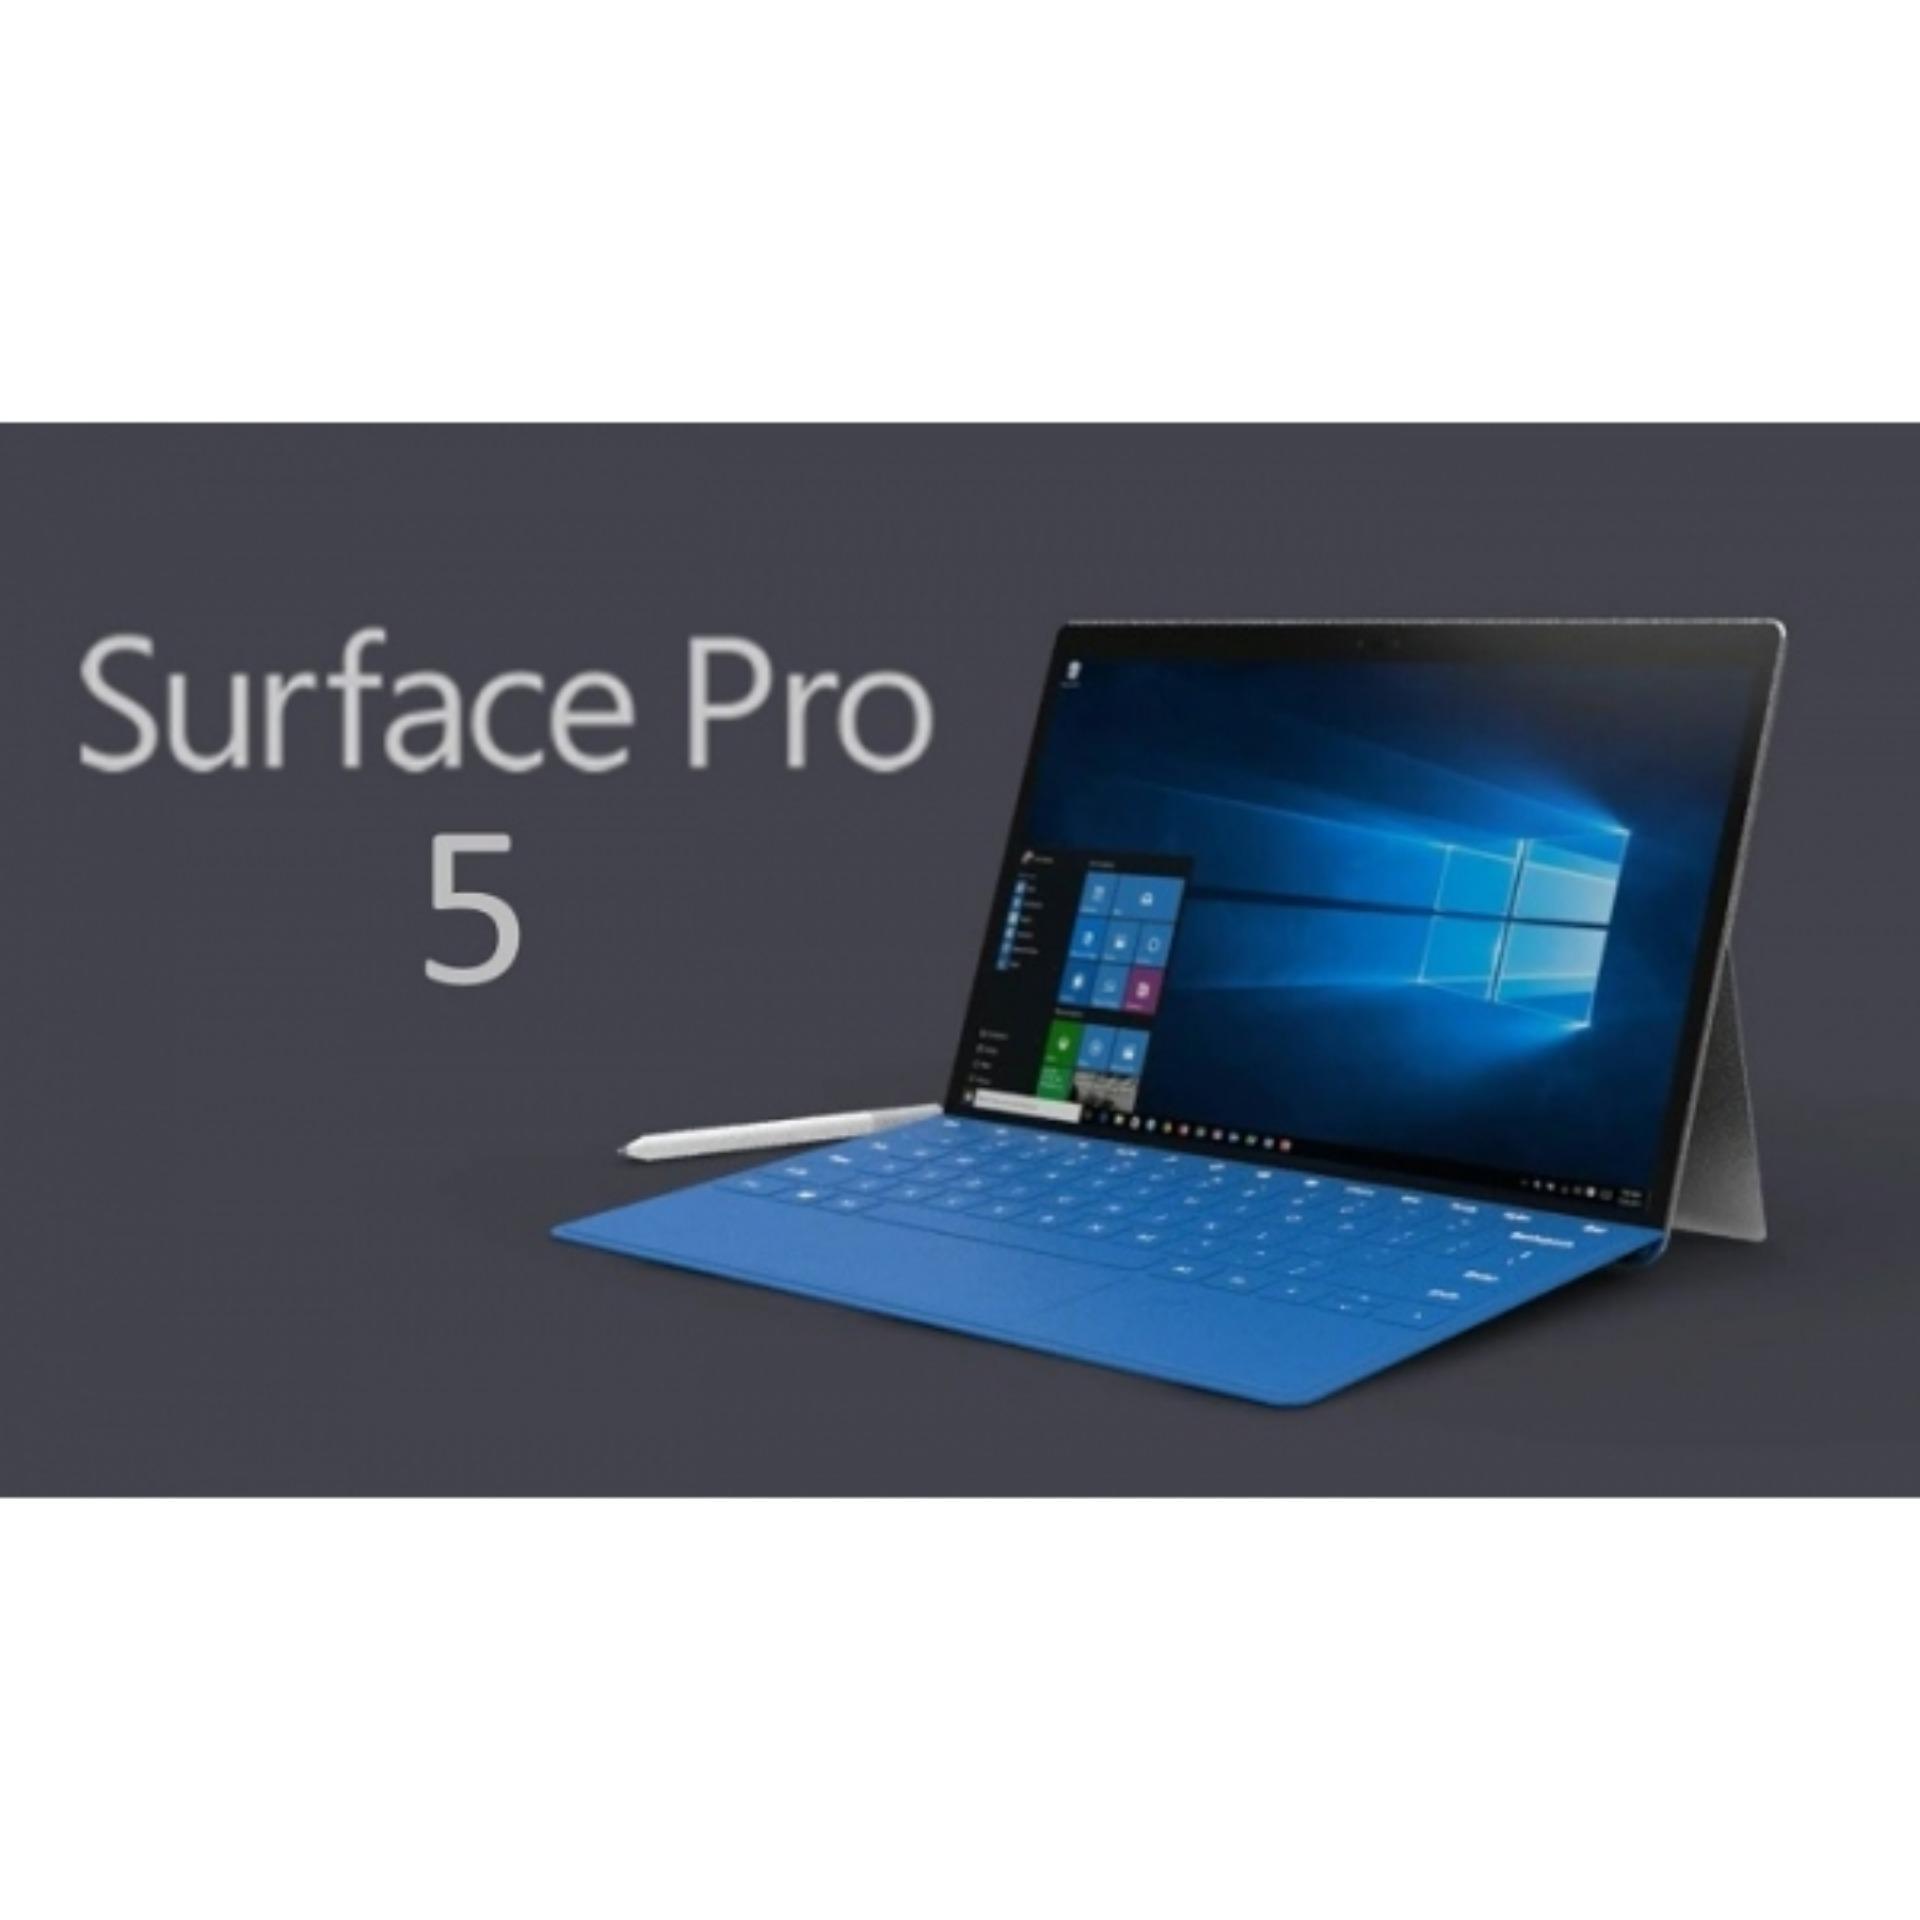 Laptop Surface Pro 5 Core i7 NEW SEALCore™ i7 256GB 8GB 12.3inch (2736 x 1824) Touchscreen - Hàng nhập khẩu